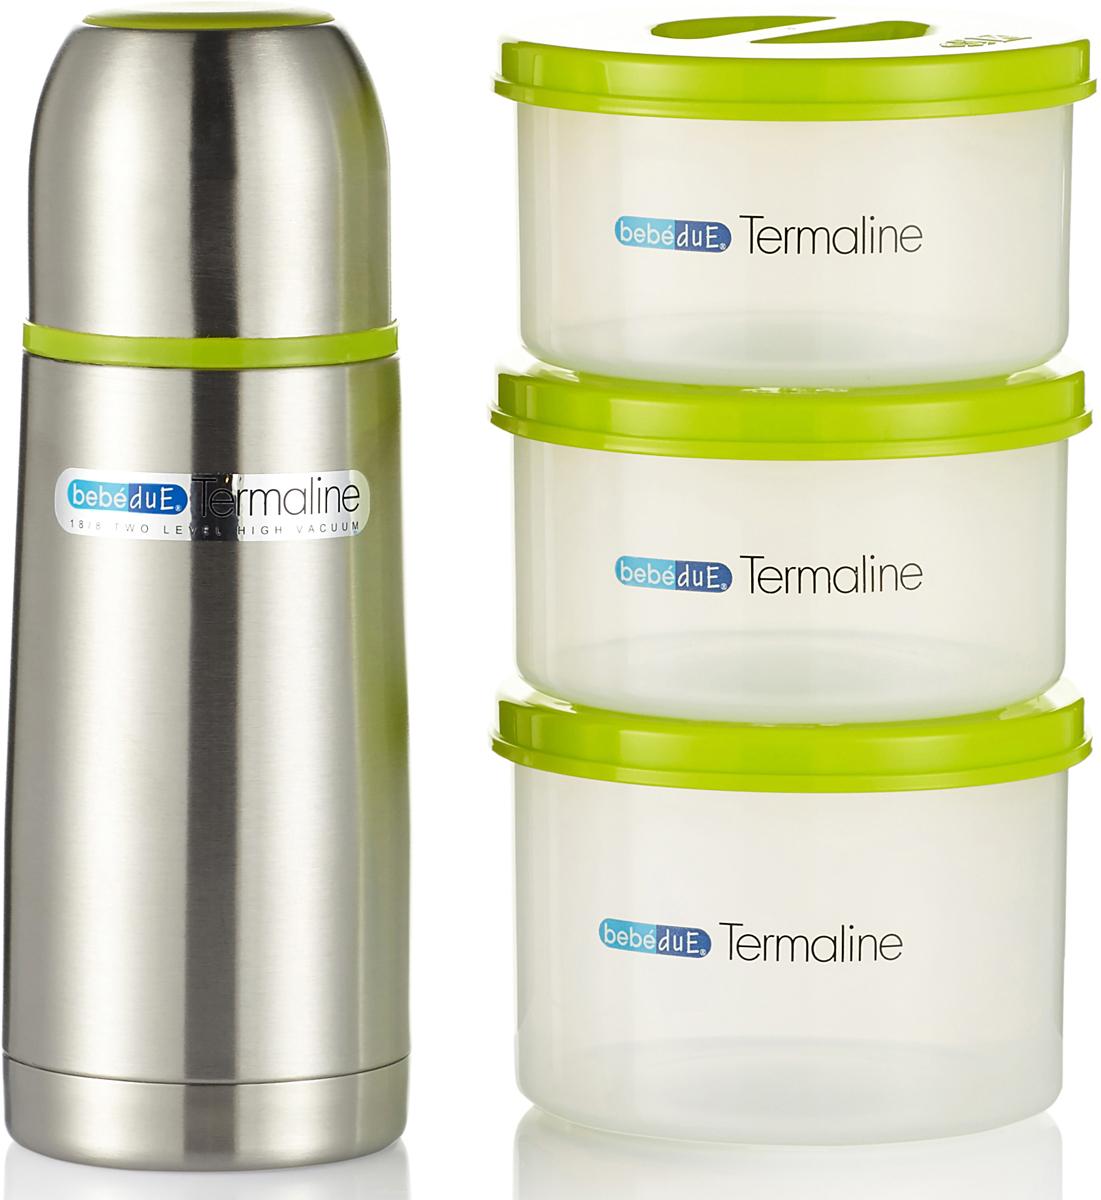 Bebe Due Термосумка черная с набором контейнеров и термосом -  Все для детского кормления